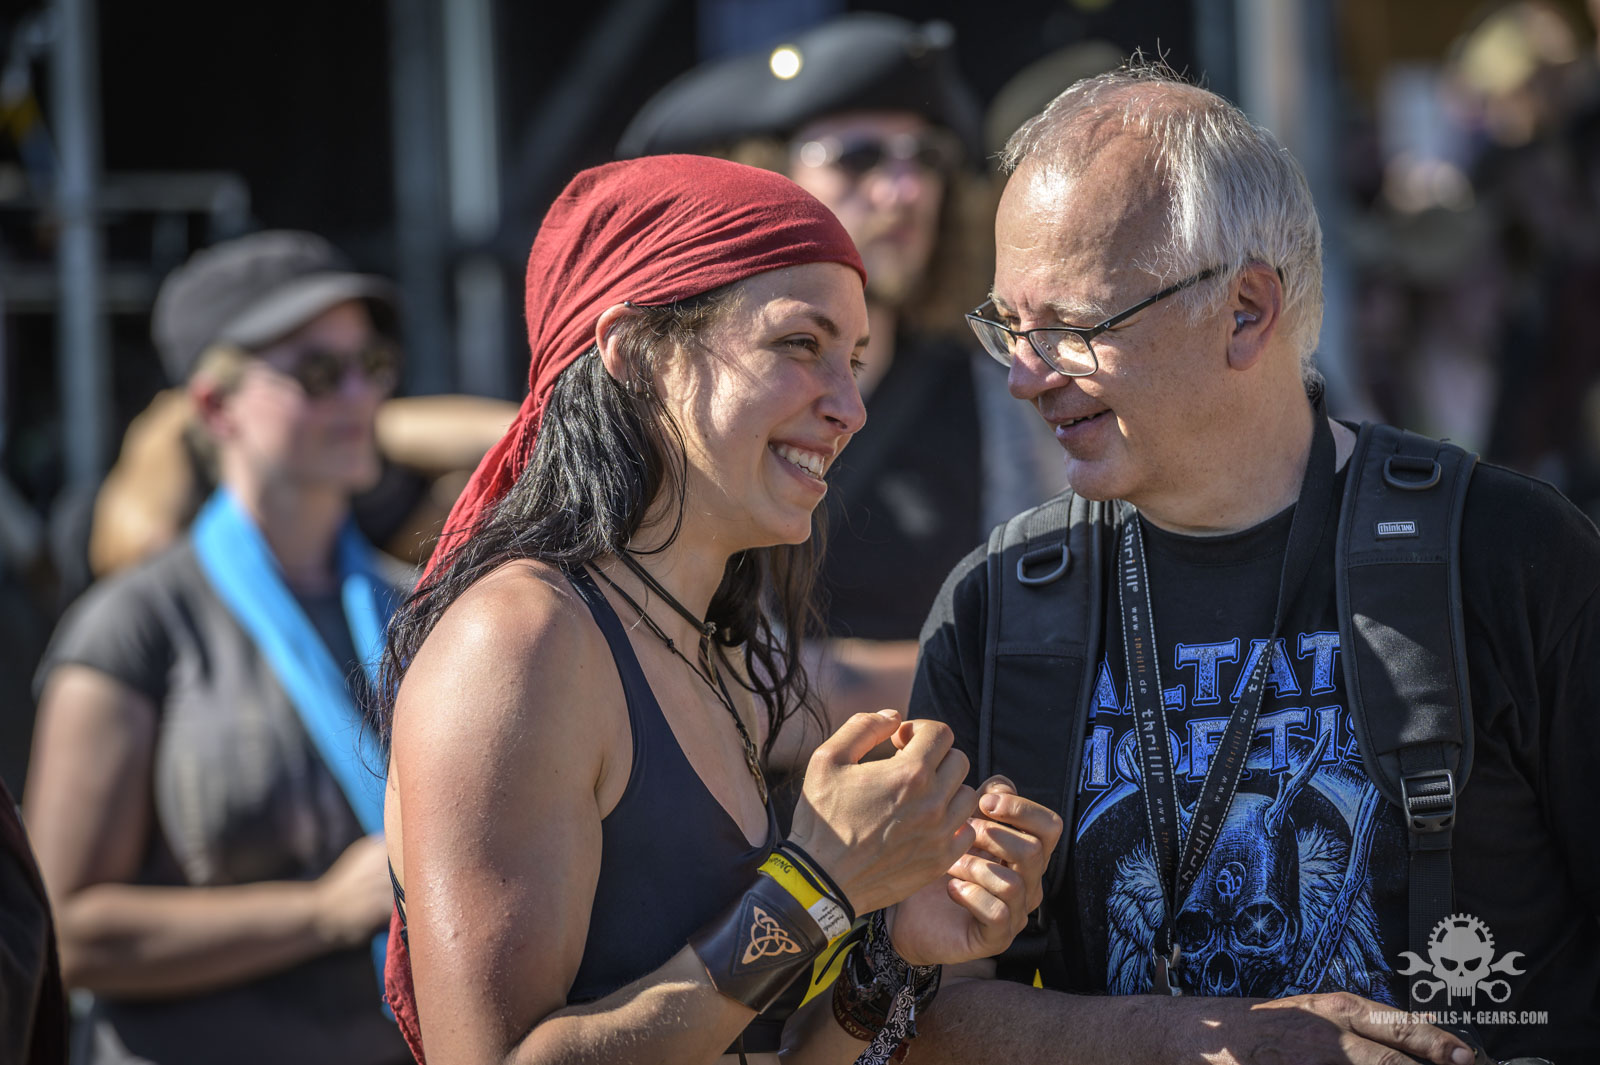 Feuertanz Festival 2019 - Besucher-199